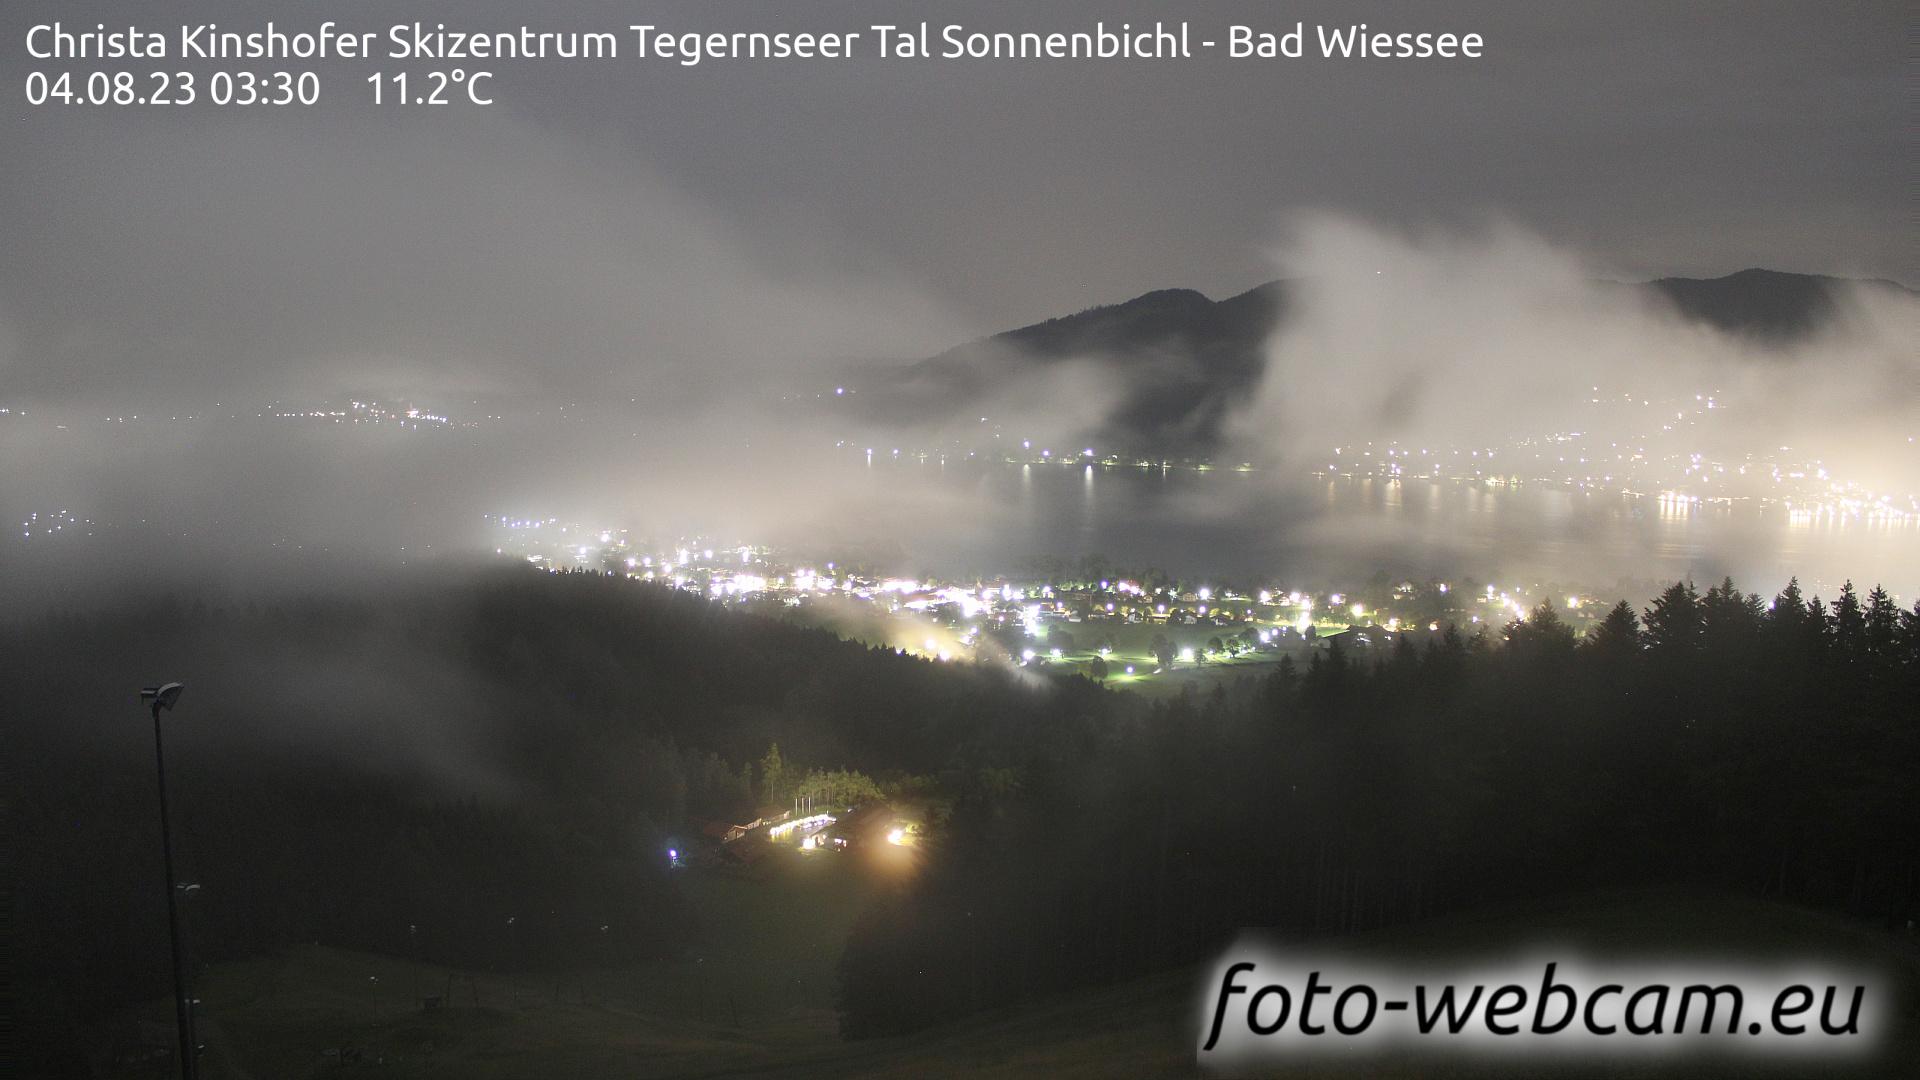 Bad Wiessee Wed. 03:48